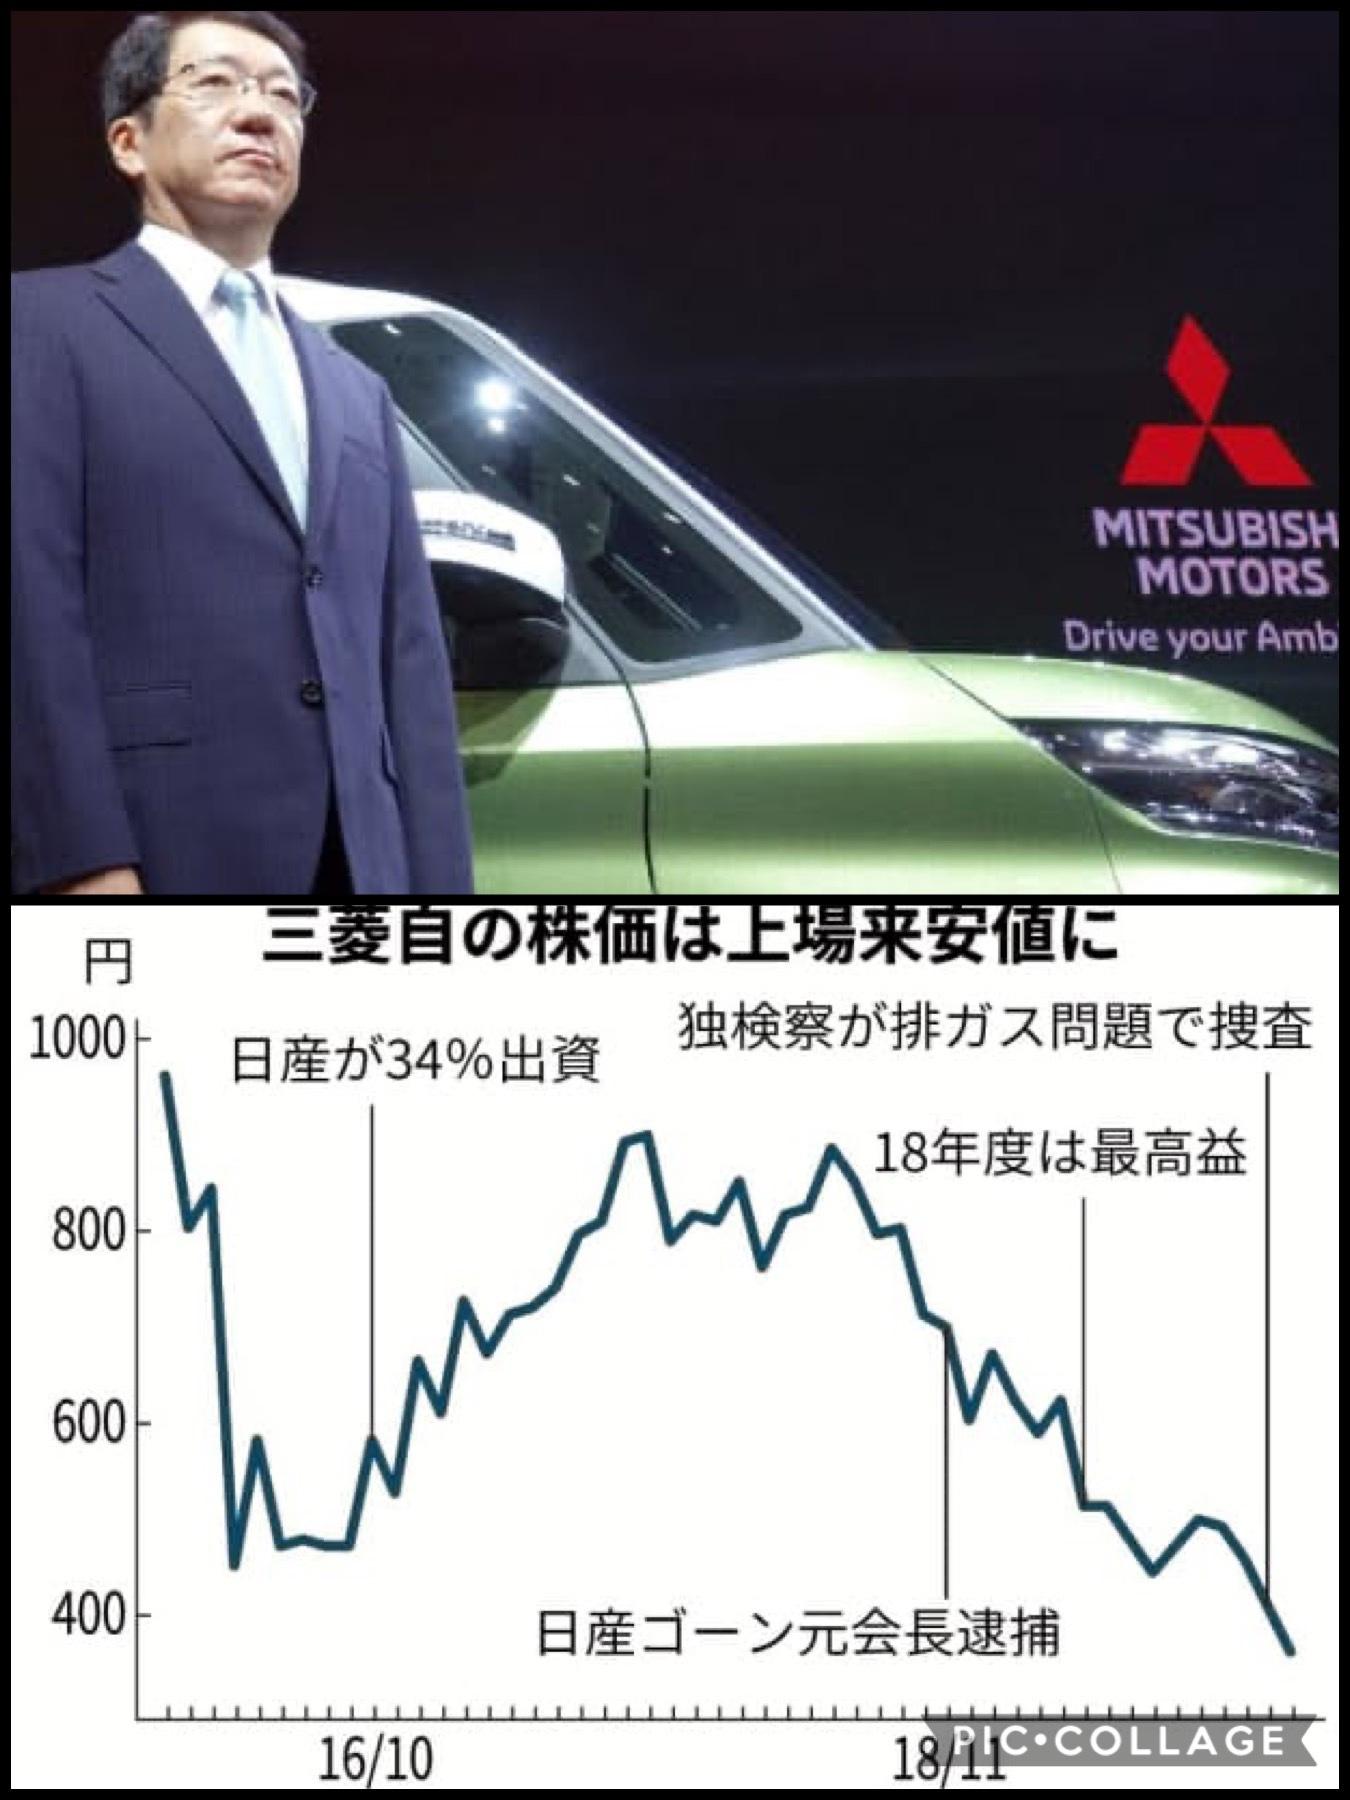 三菱自動車 2020年業績